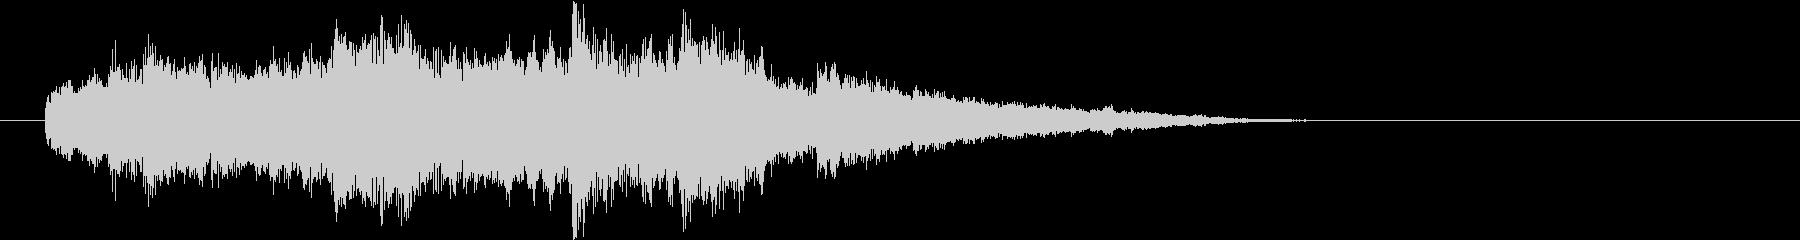 落ち着いた感じのジングル チェロ ピアノの未再生の波形